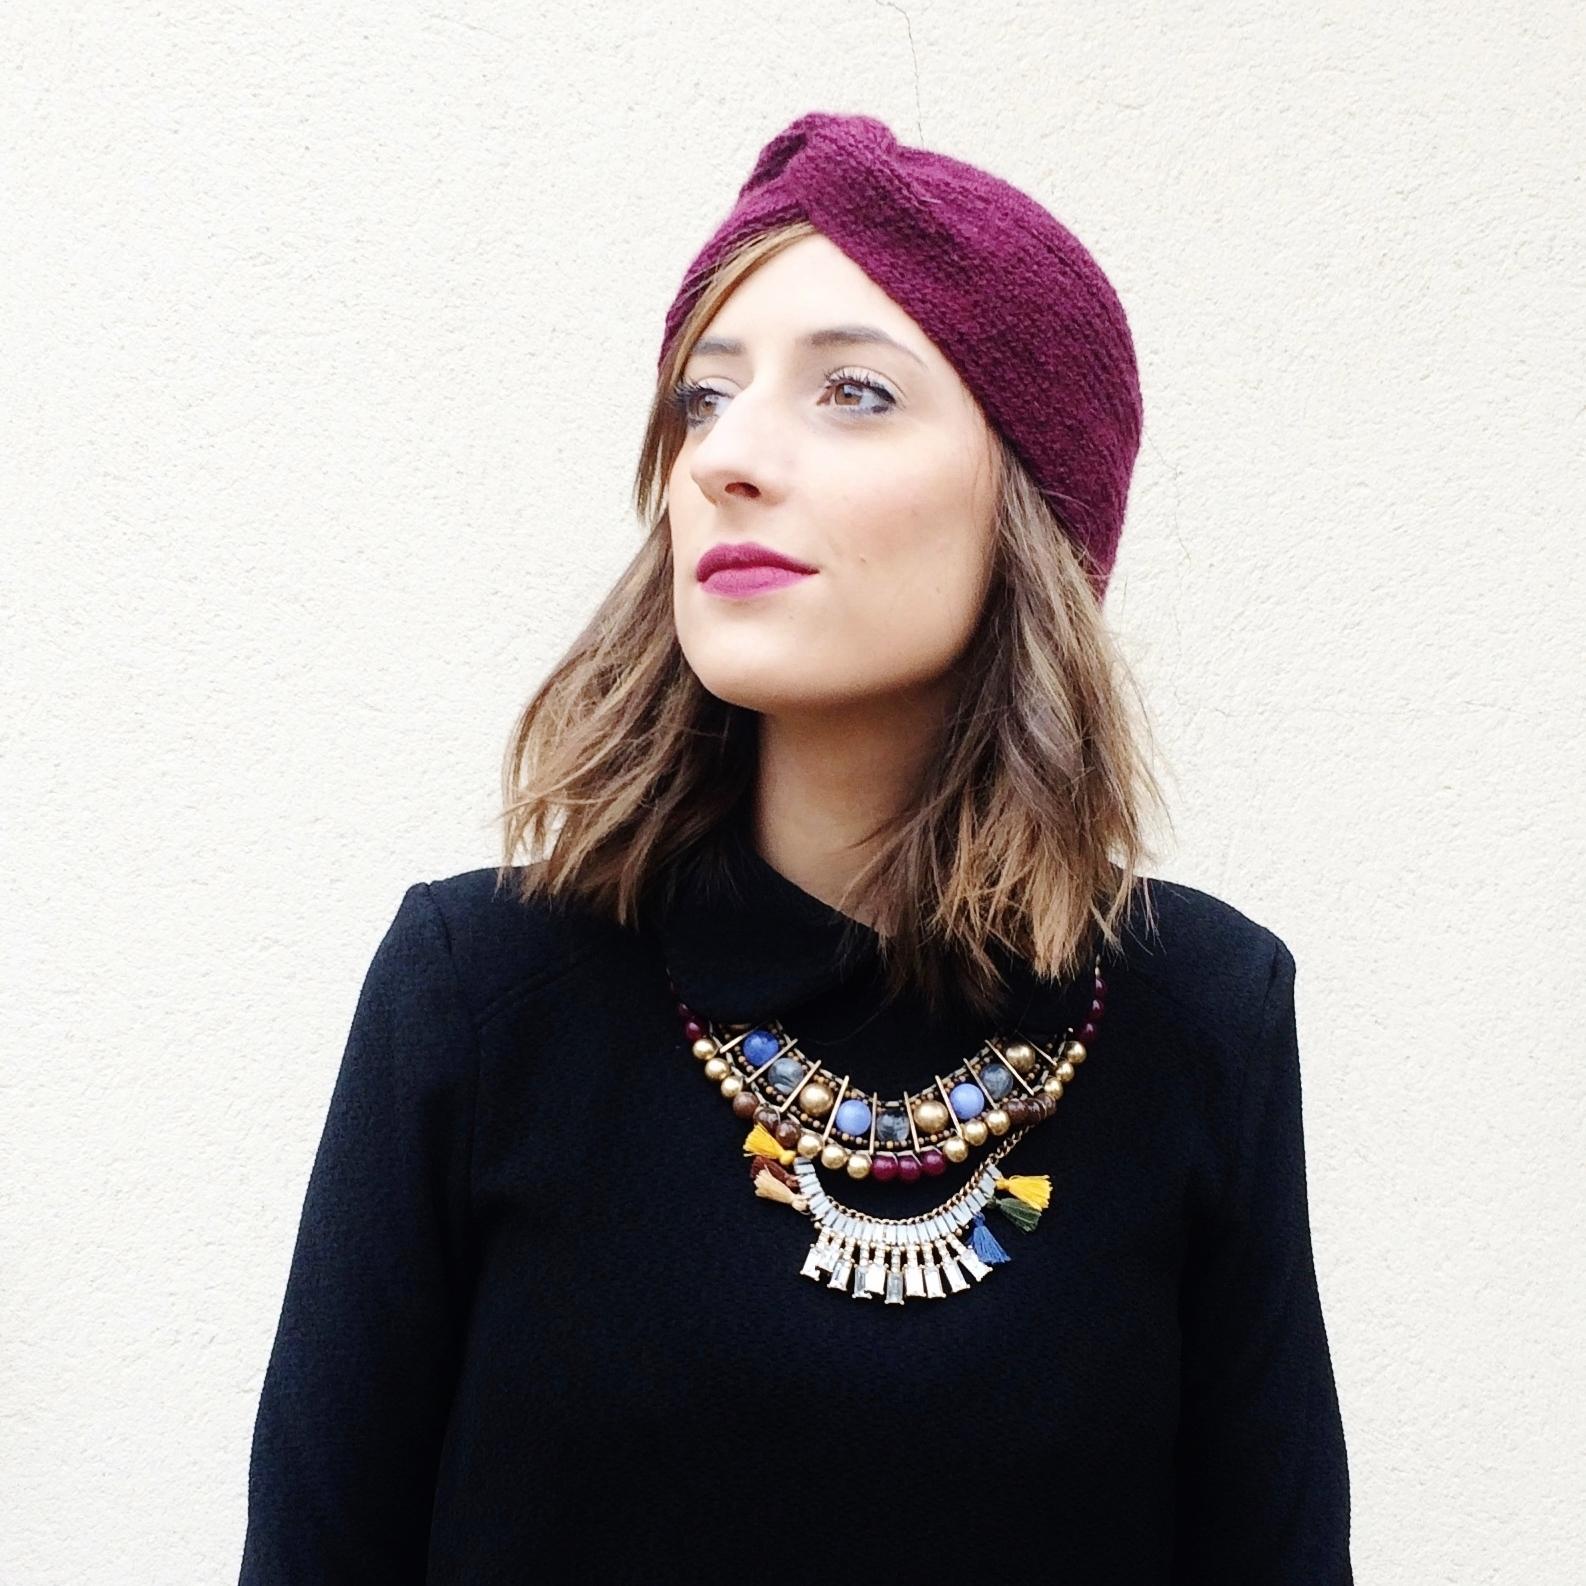 293423e8e6da Mon Bonnet Turban - Huguette Paillettes   Blog et idées créatives    couture, tricot, DIY